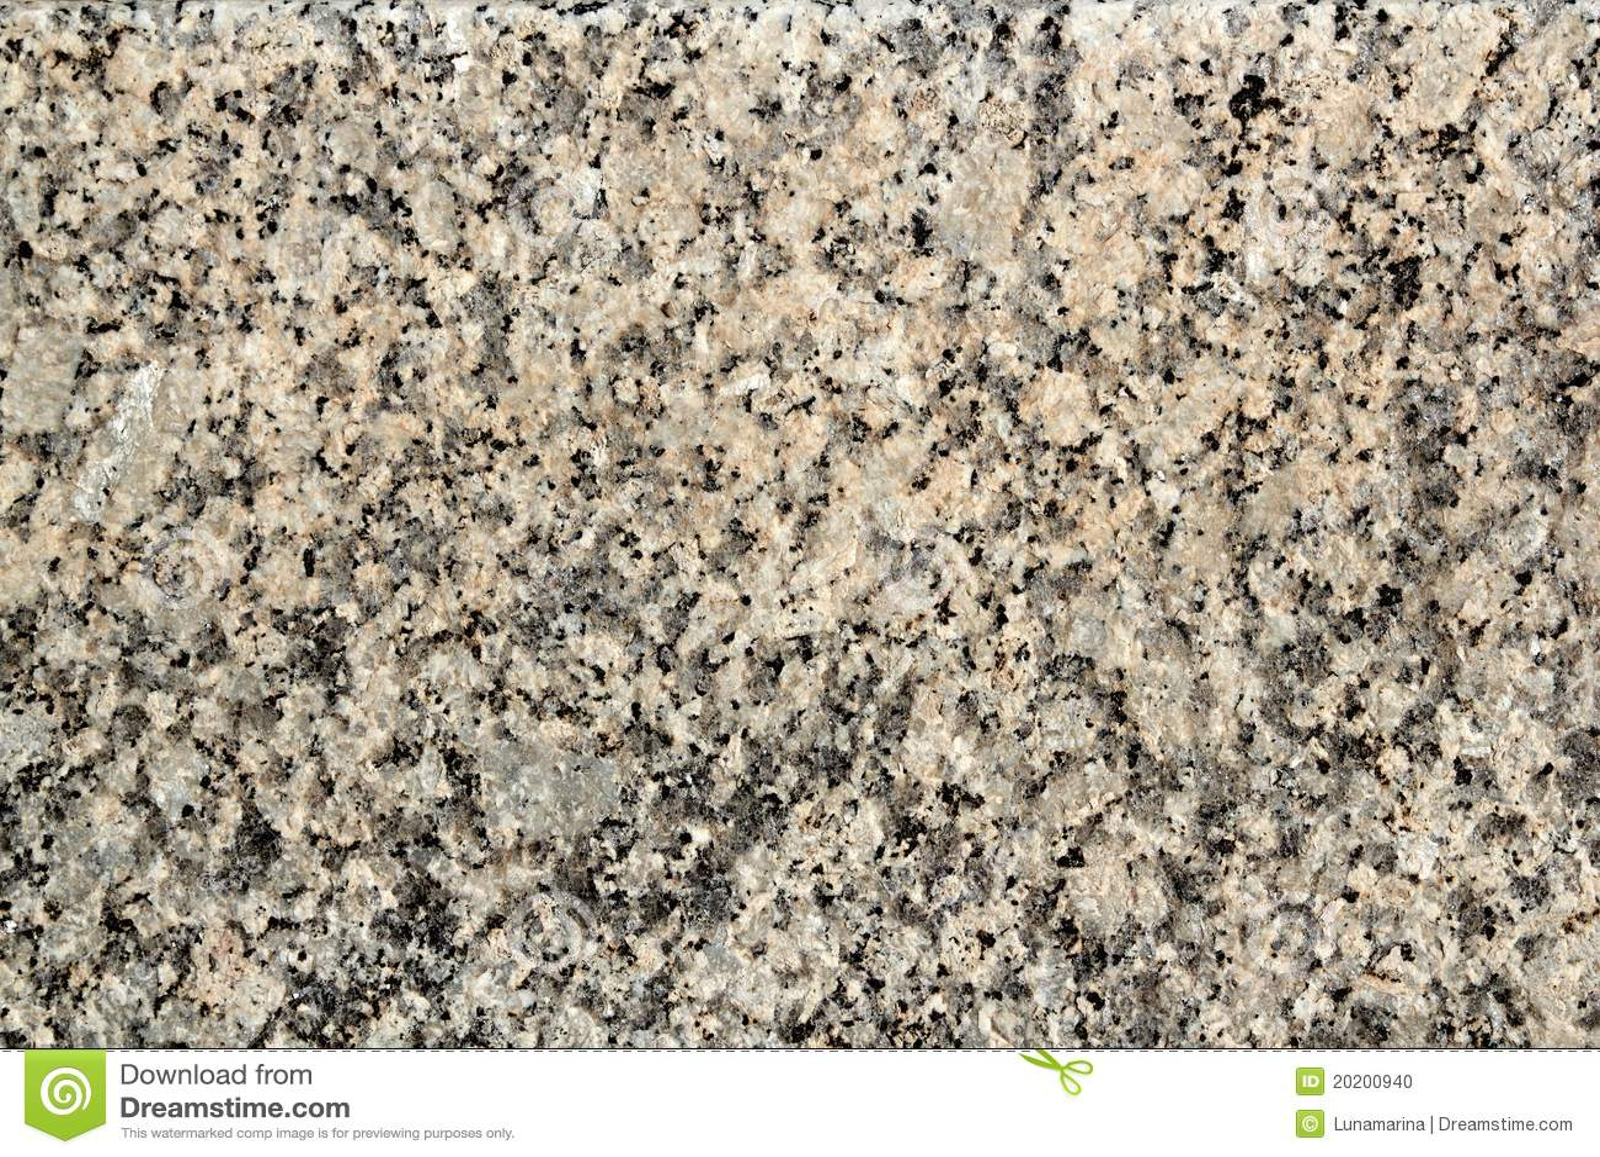 Blanco negro gris de la textura de piedra del granito foto for Color gris granito